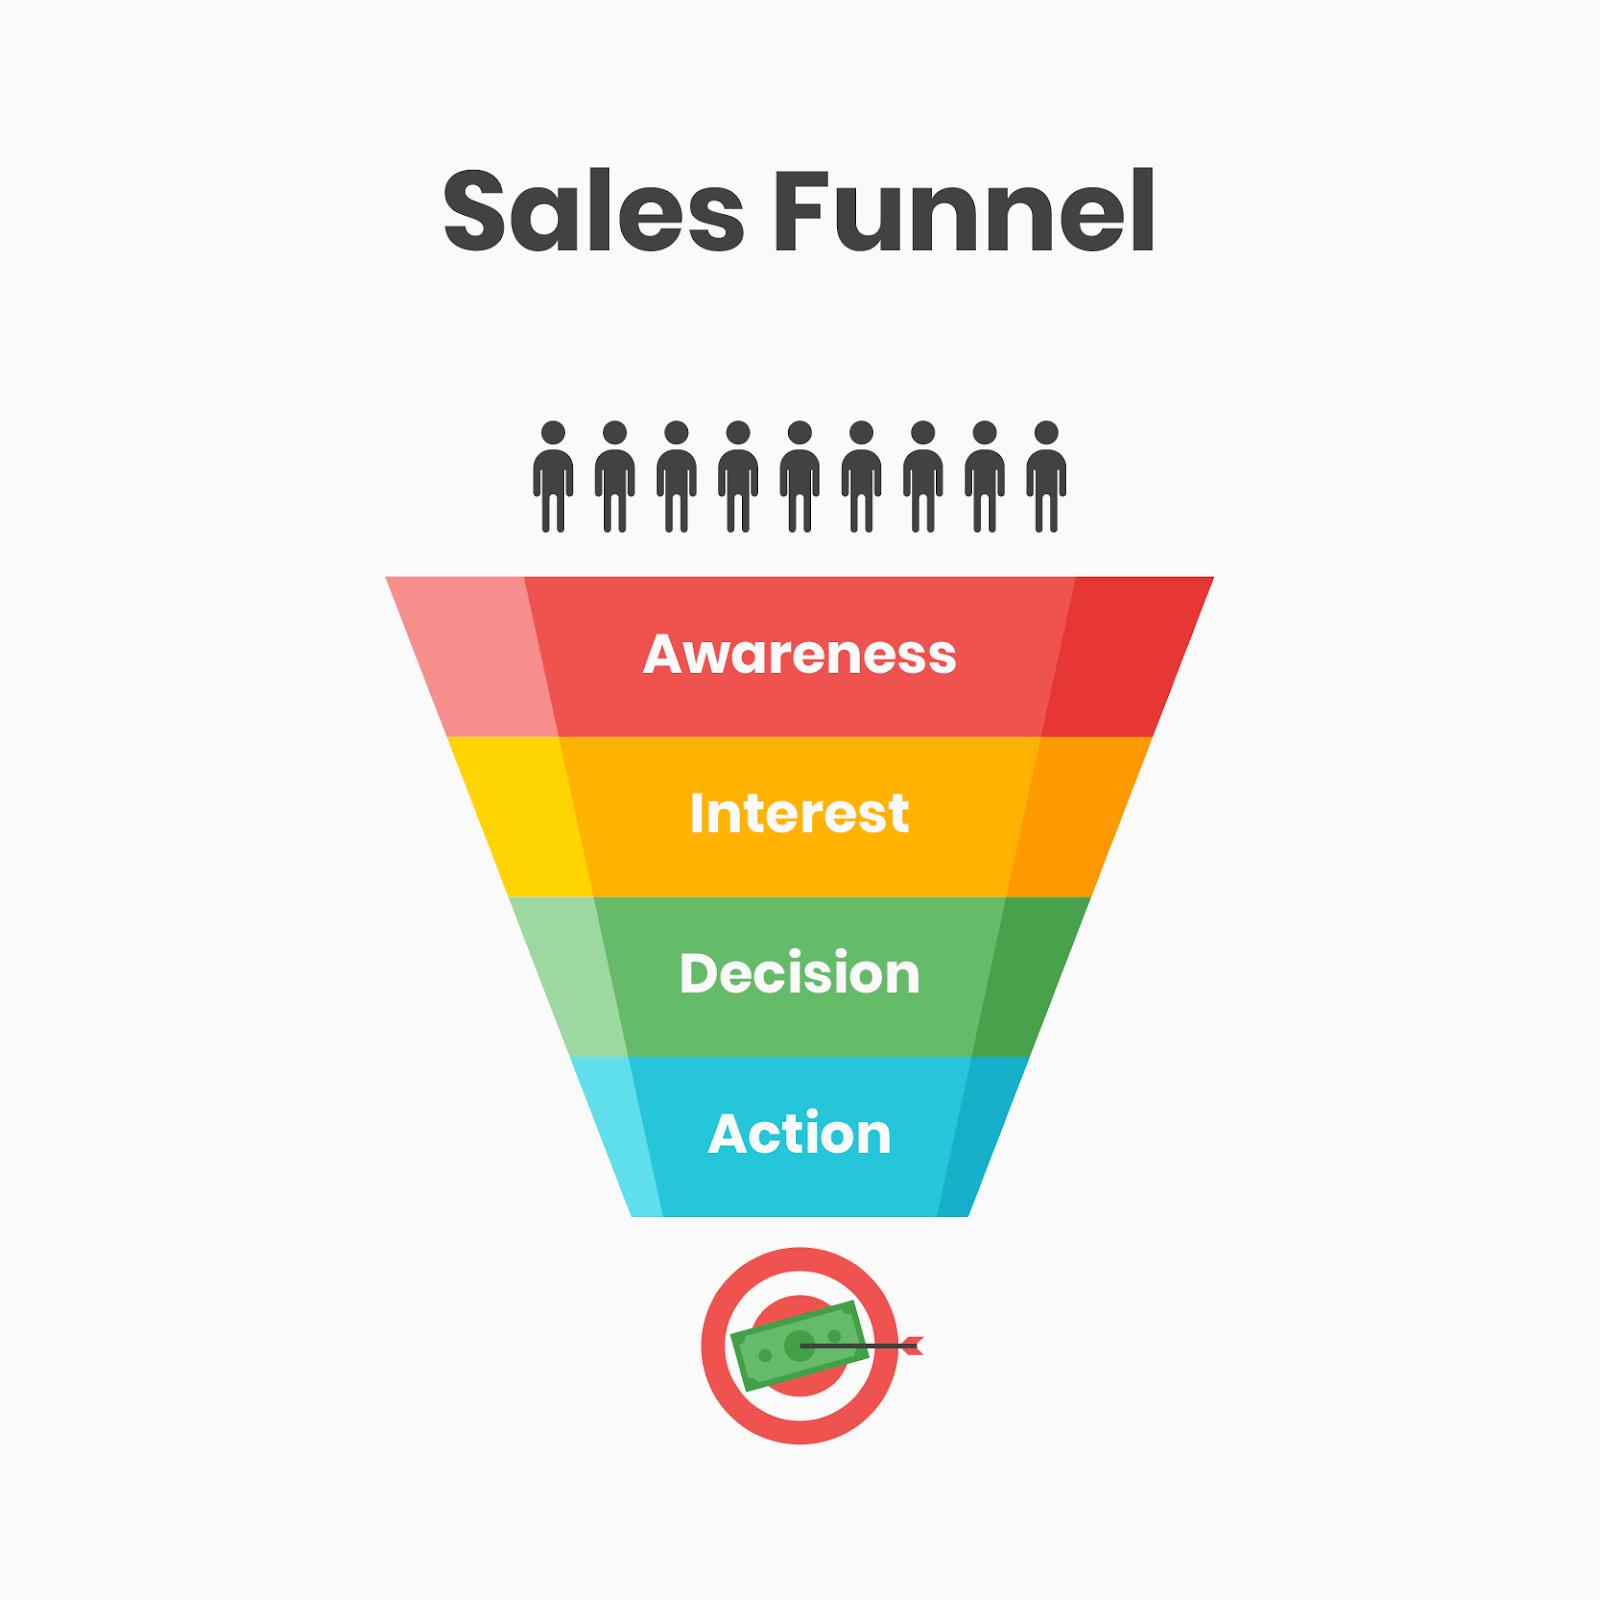 diagram four steps - sales funnel